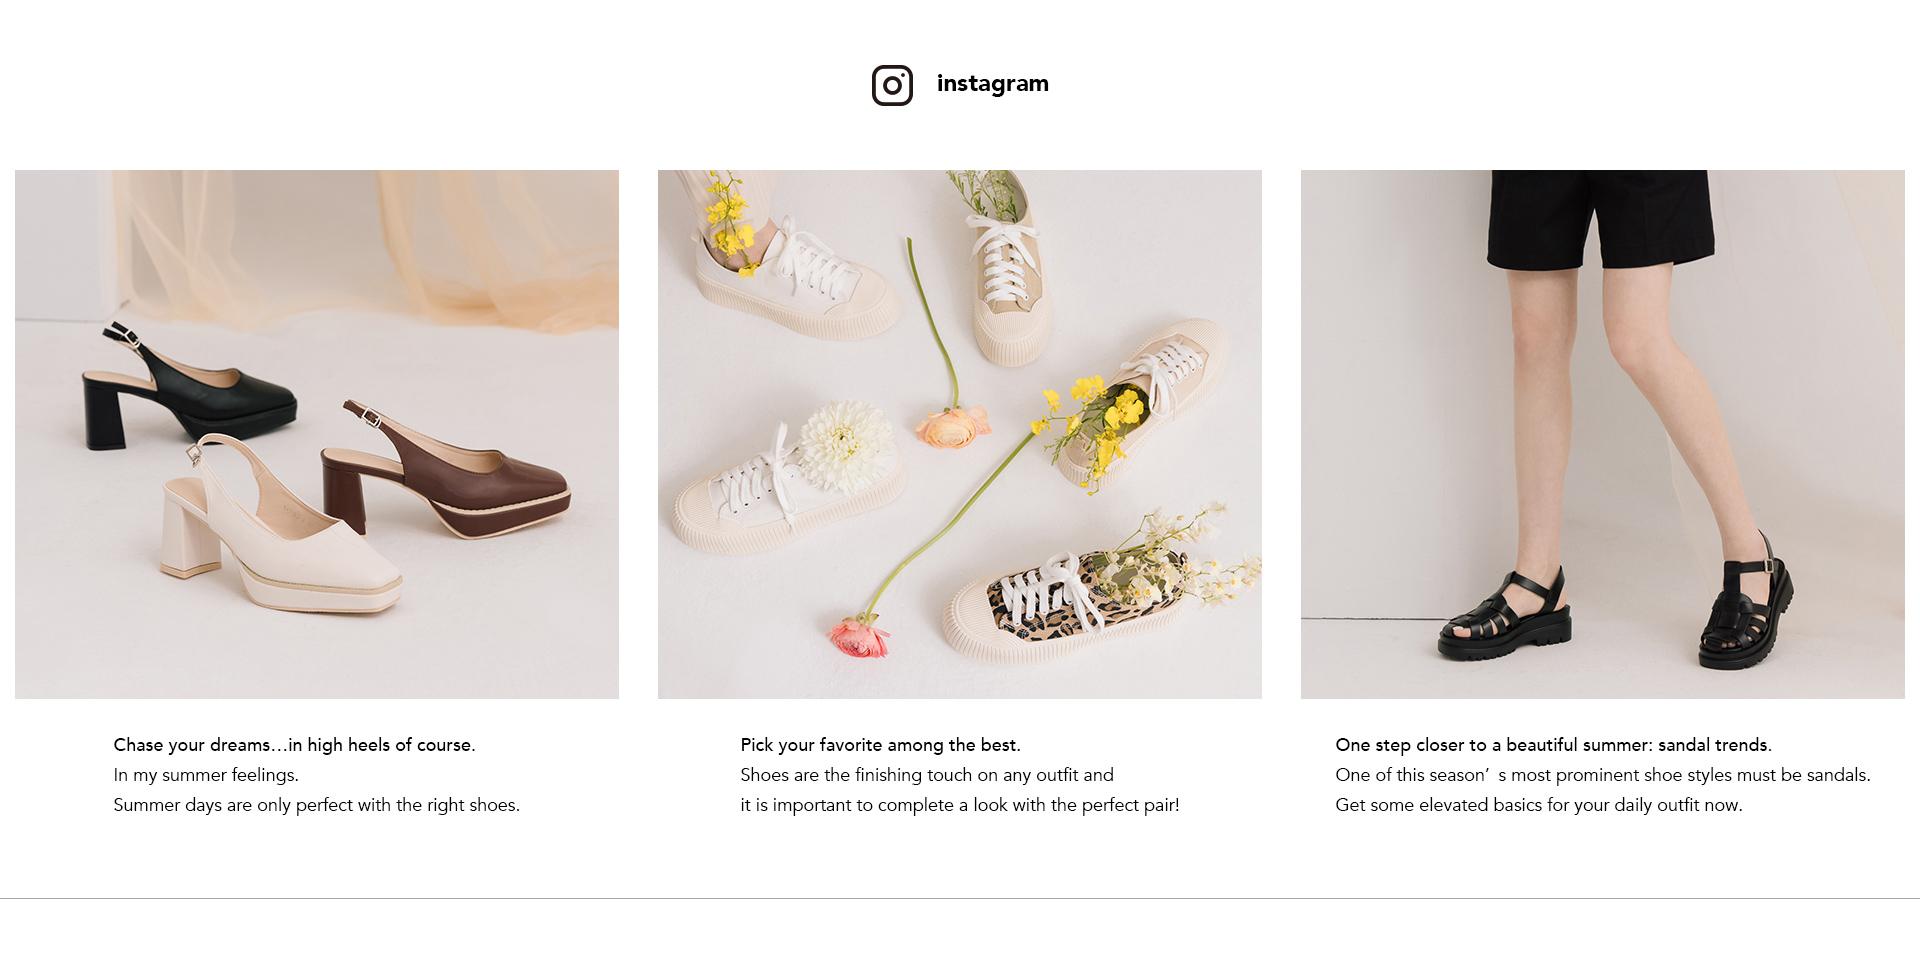 D+AF 2021夏日鞋款穿搭 後空高跟鞋 休閒鞋 厚底涼鞋 探索更多夏日流行女鞋趨勢@Instagram D+AF 女鞋(@dafshoes)